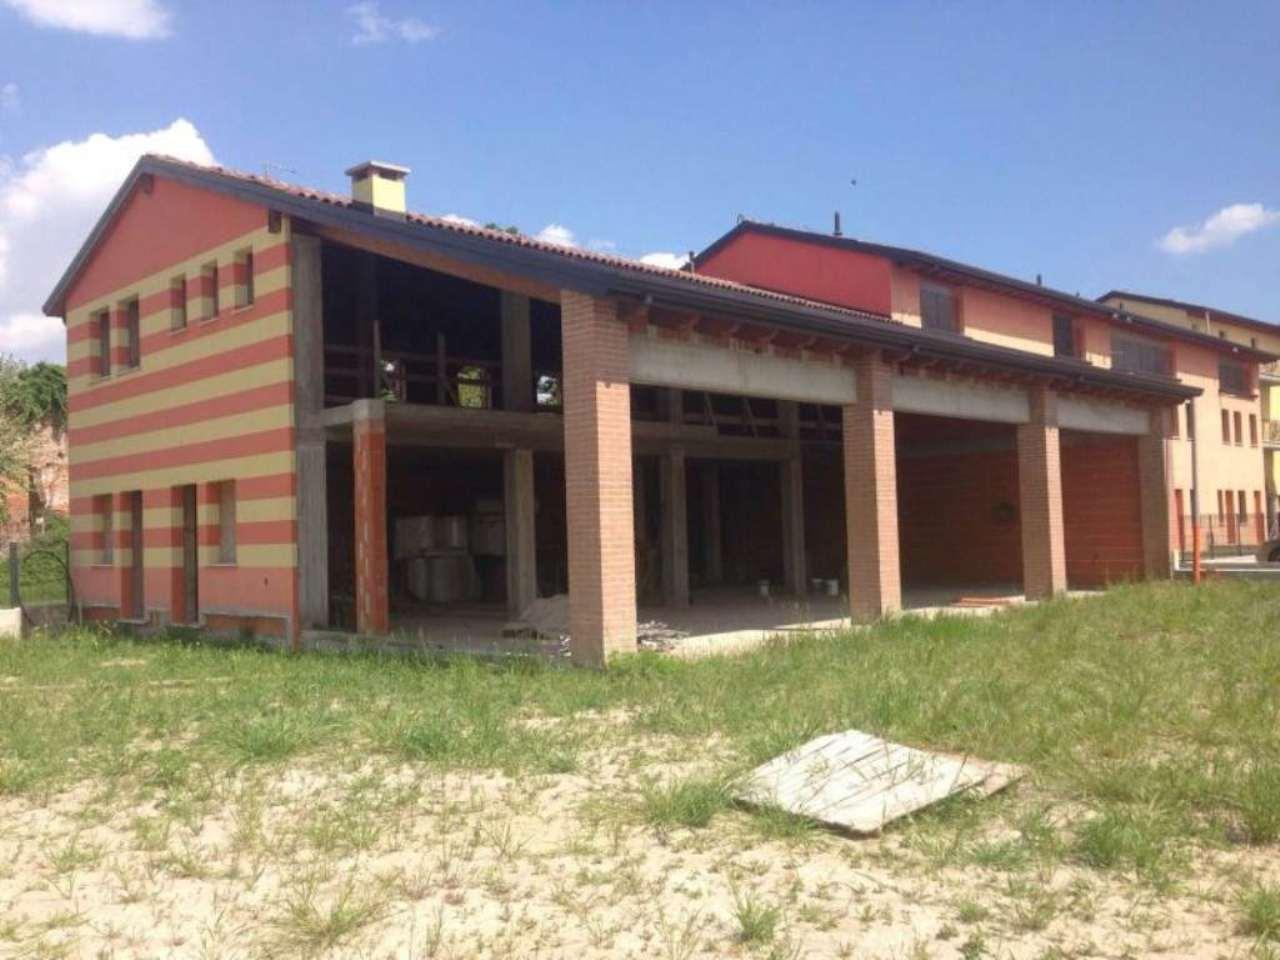 Negozio / Locale in vendita a Ronco all'Adige, 9999 locali, prezzo € 350.000 | CambioCasa.it